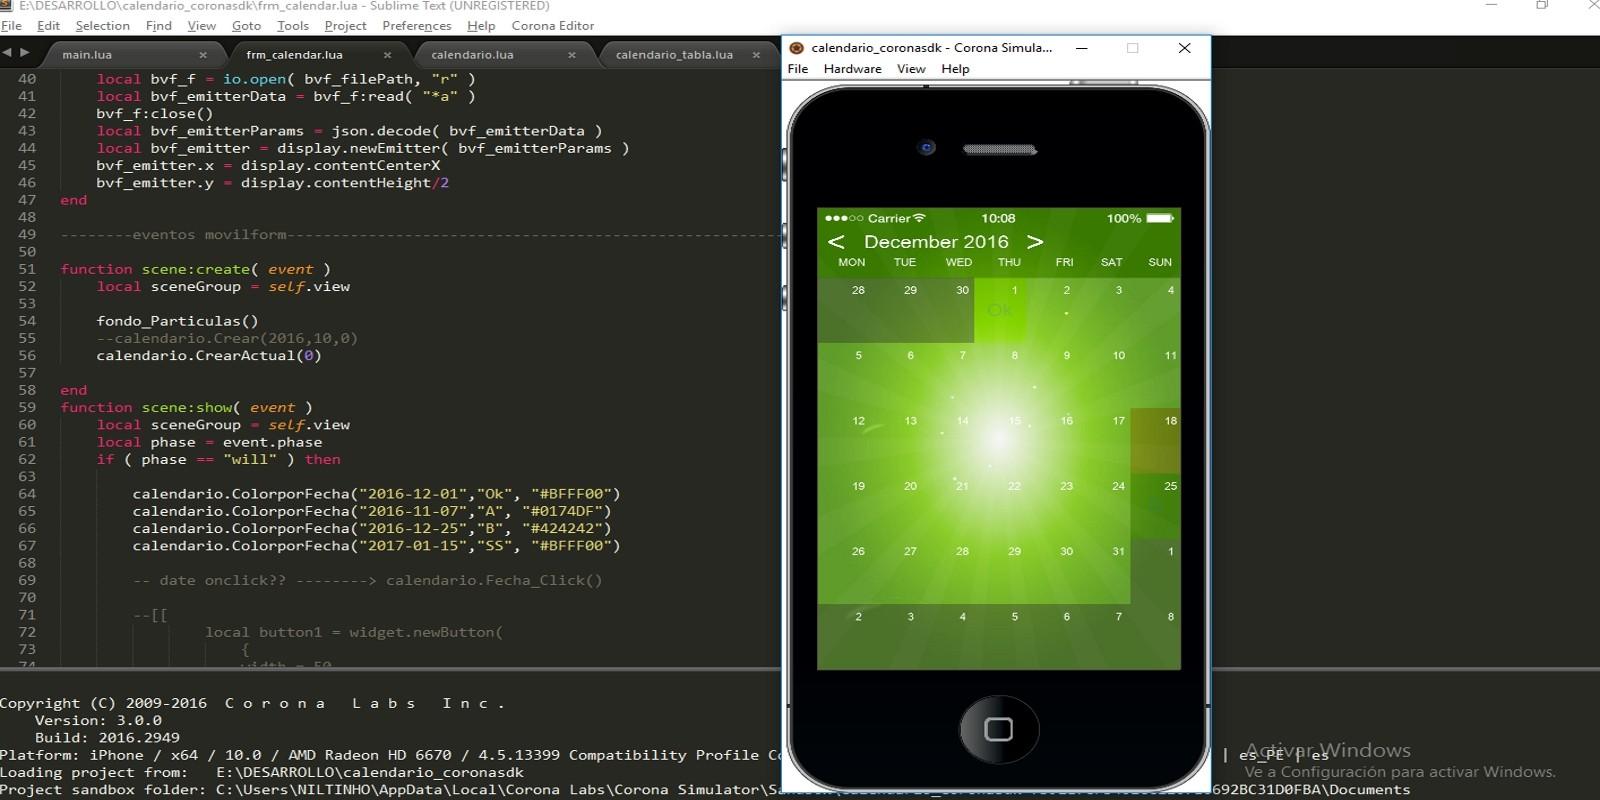 Gadget Calendario.Calendar Corona Sdk App Template